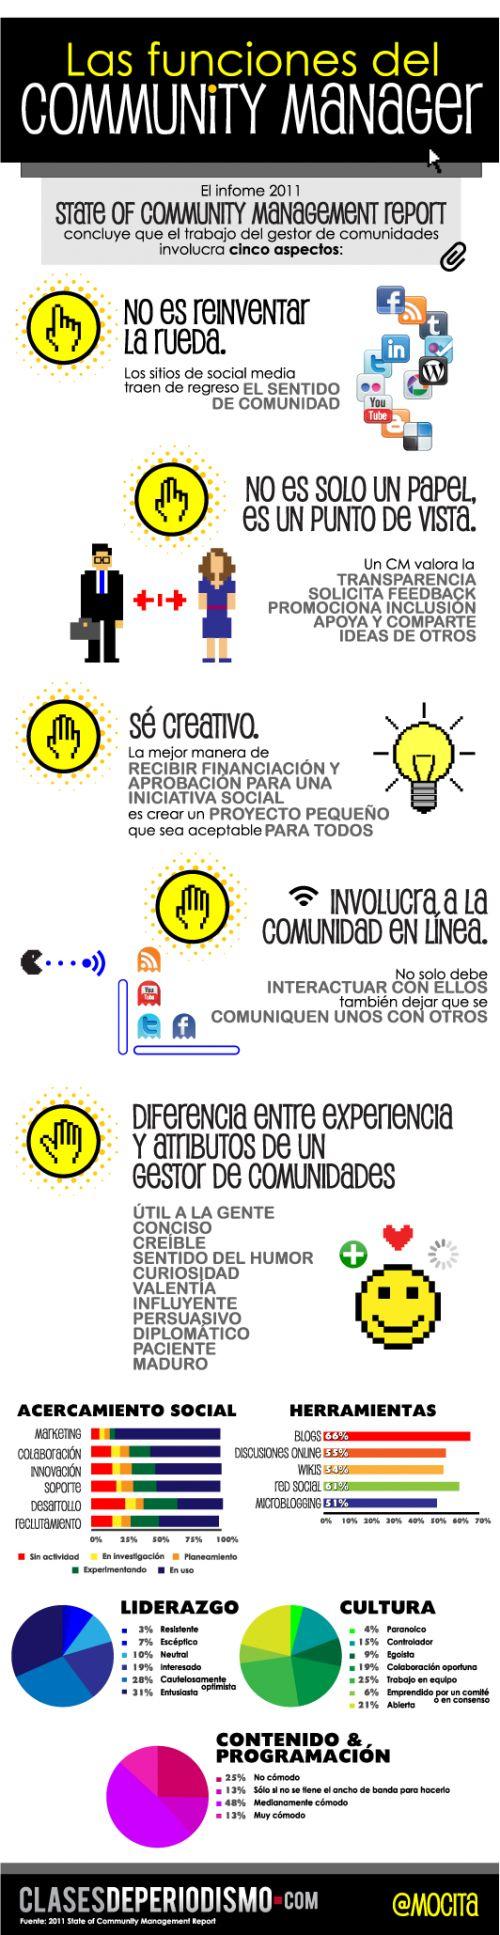 ¿Cuáles son las funciones del Community Manager? / #Infografía / #CommunityManager /